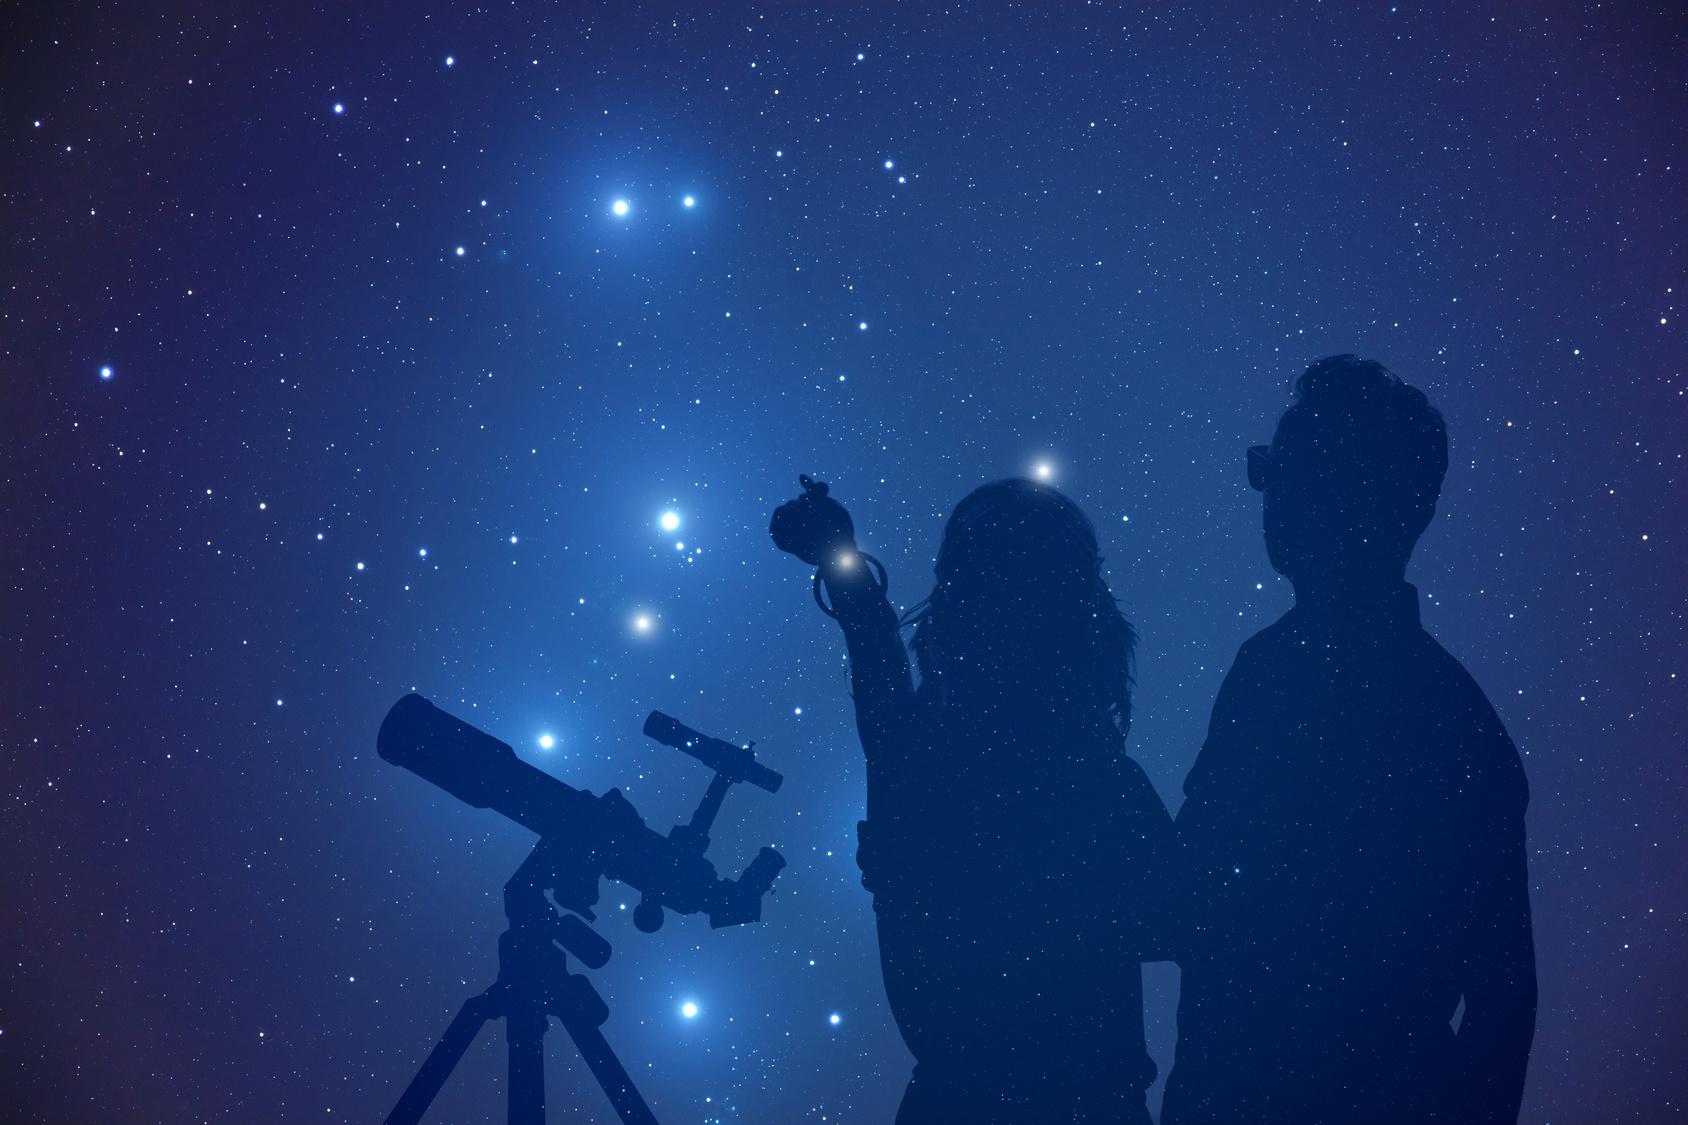 Himmlisch genießen unter dem Sternenhimmel!